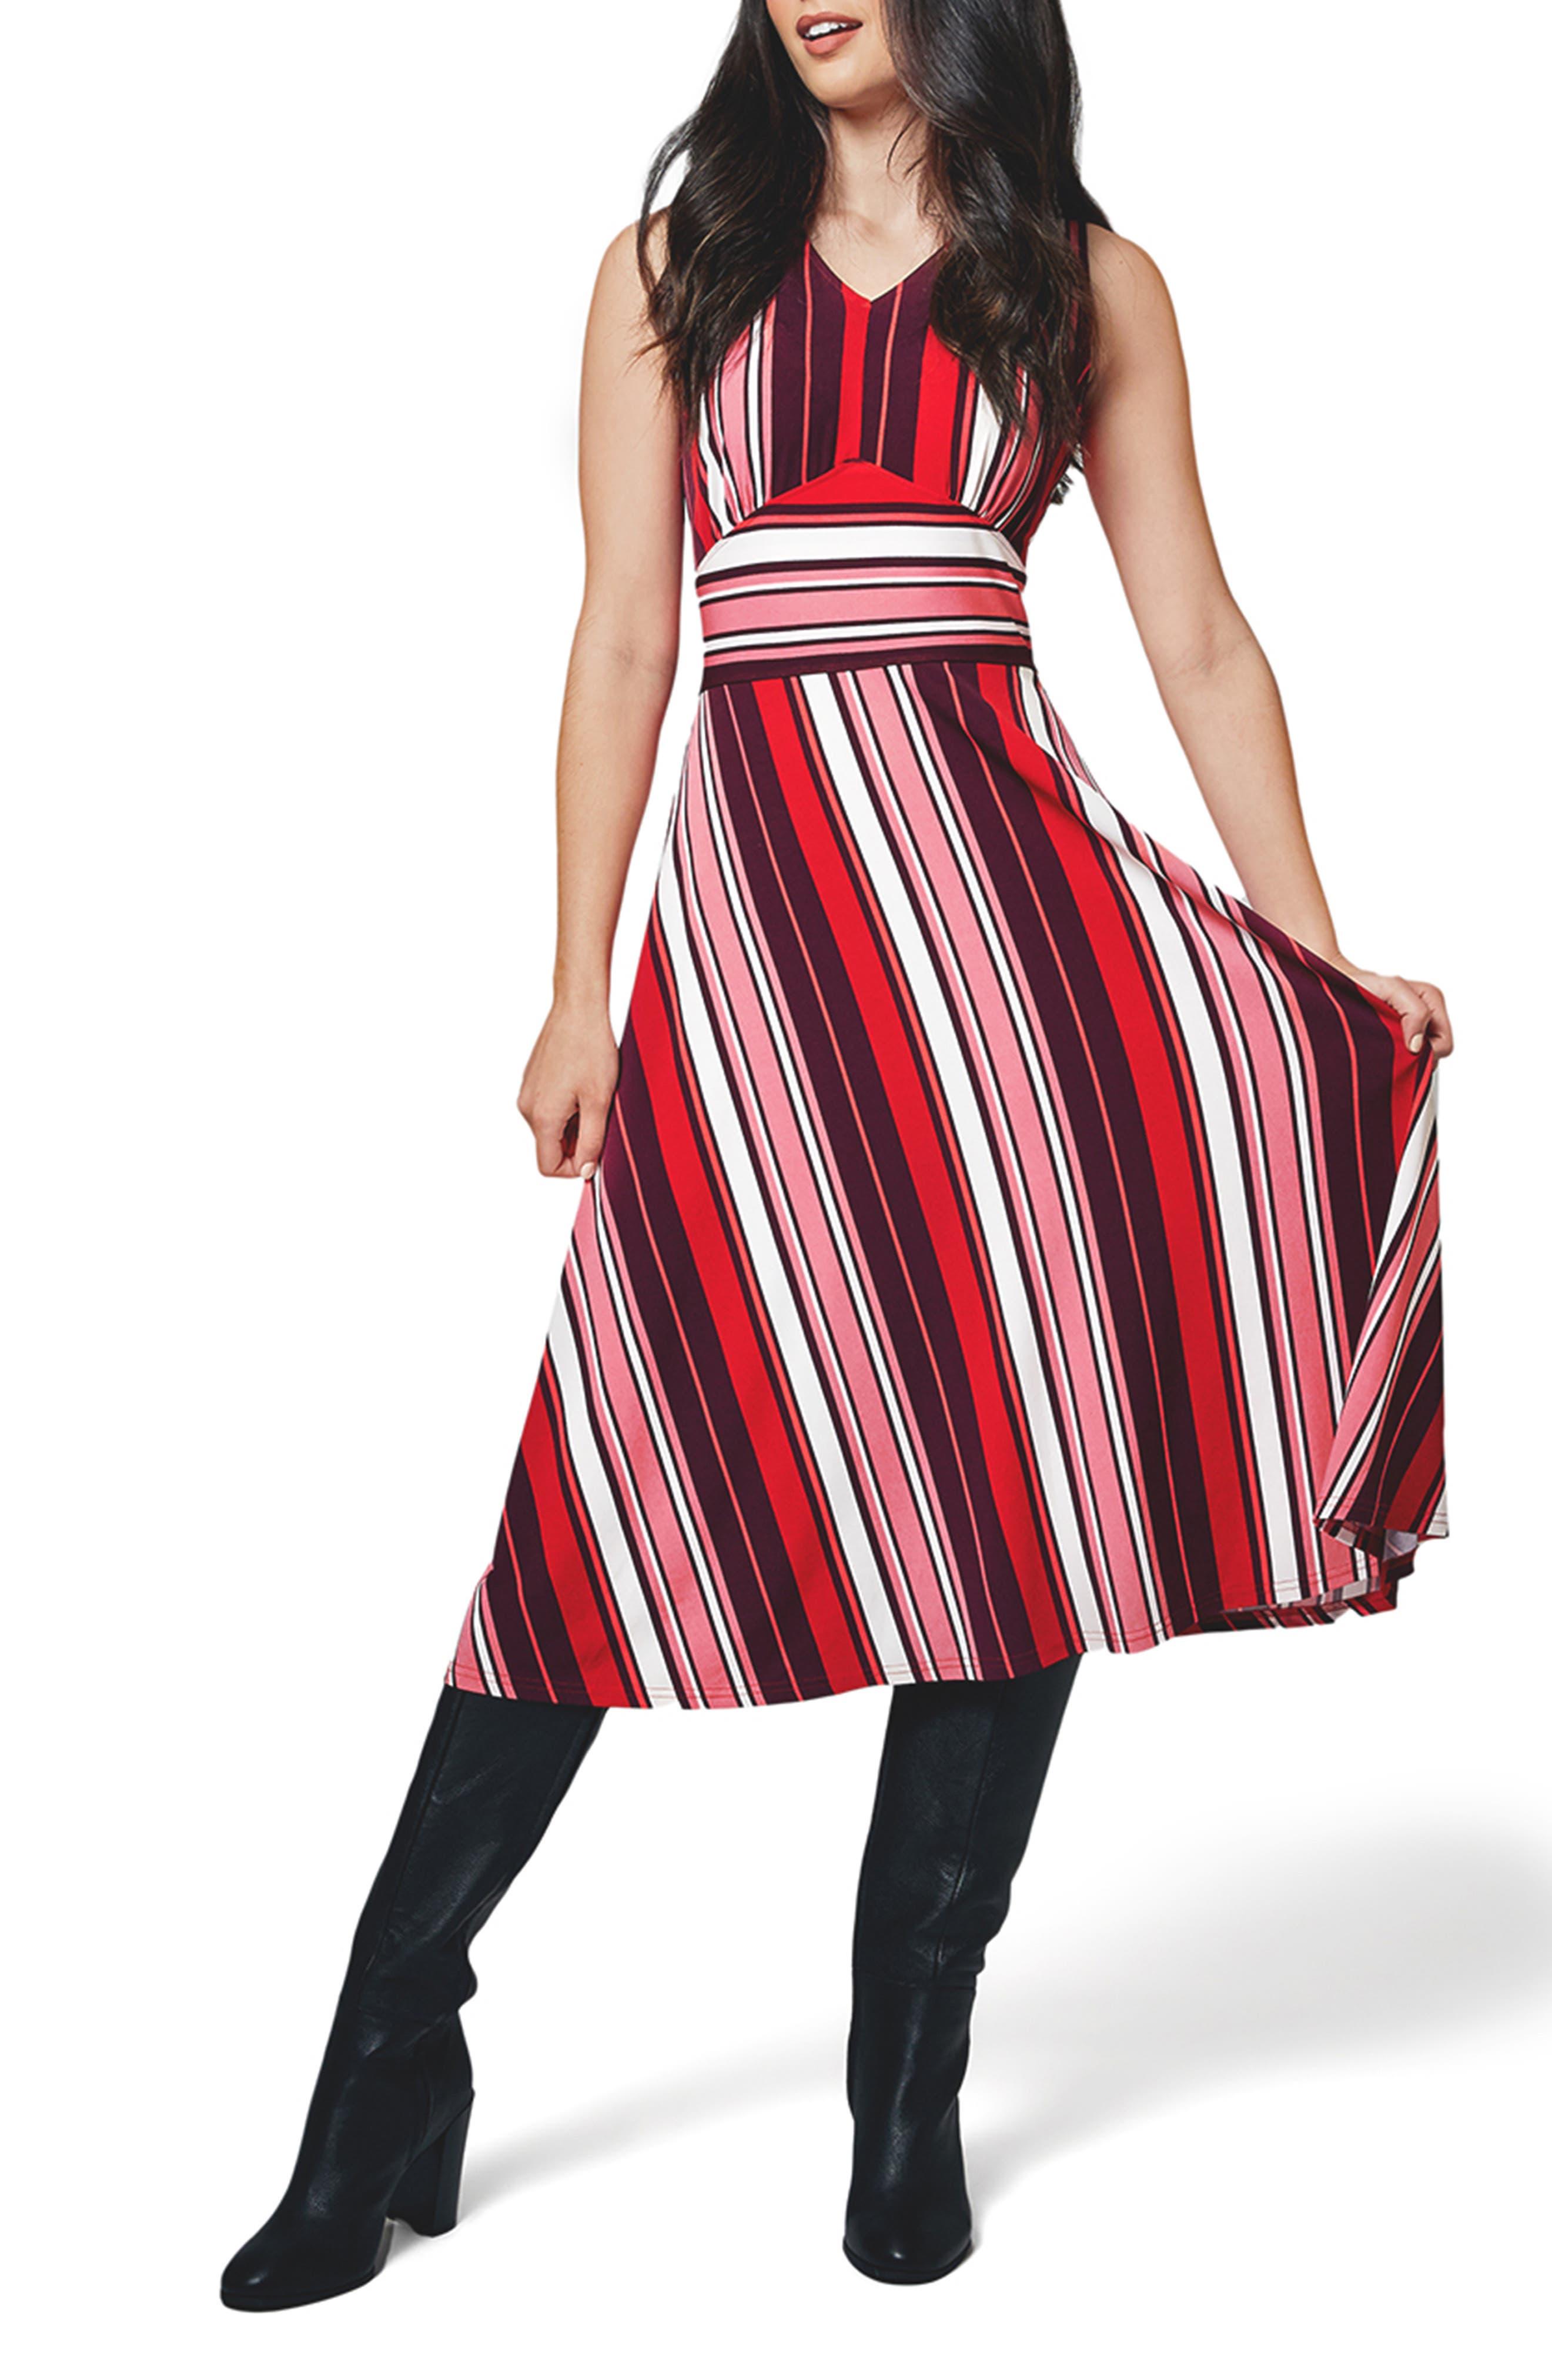 Rosemary Sleeveless Dress